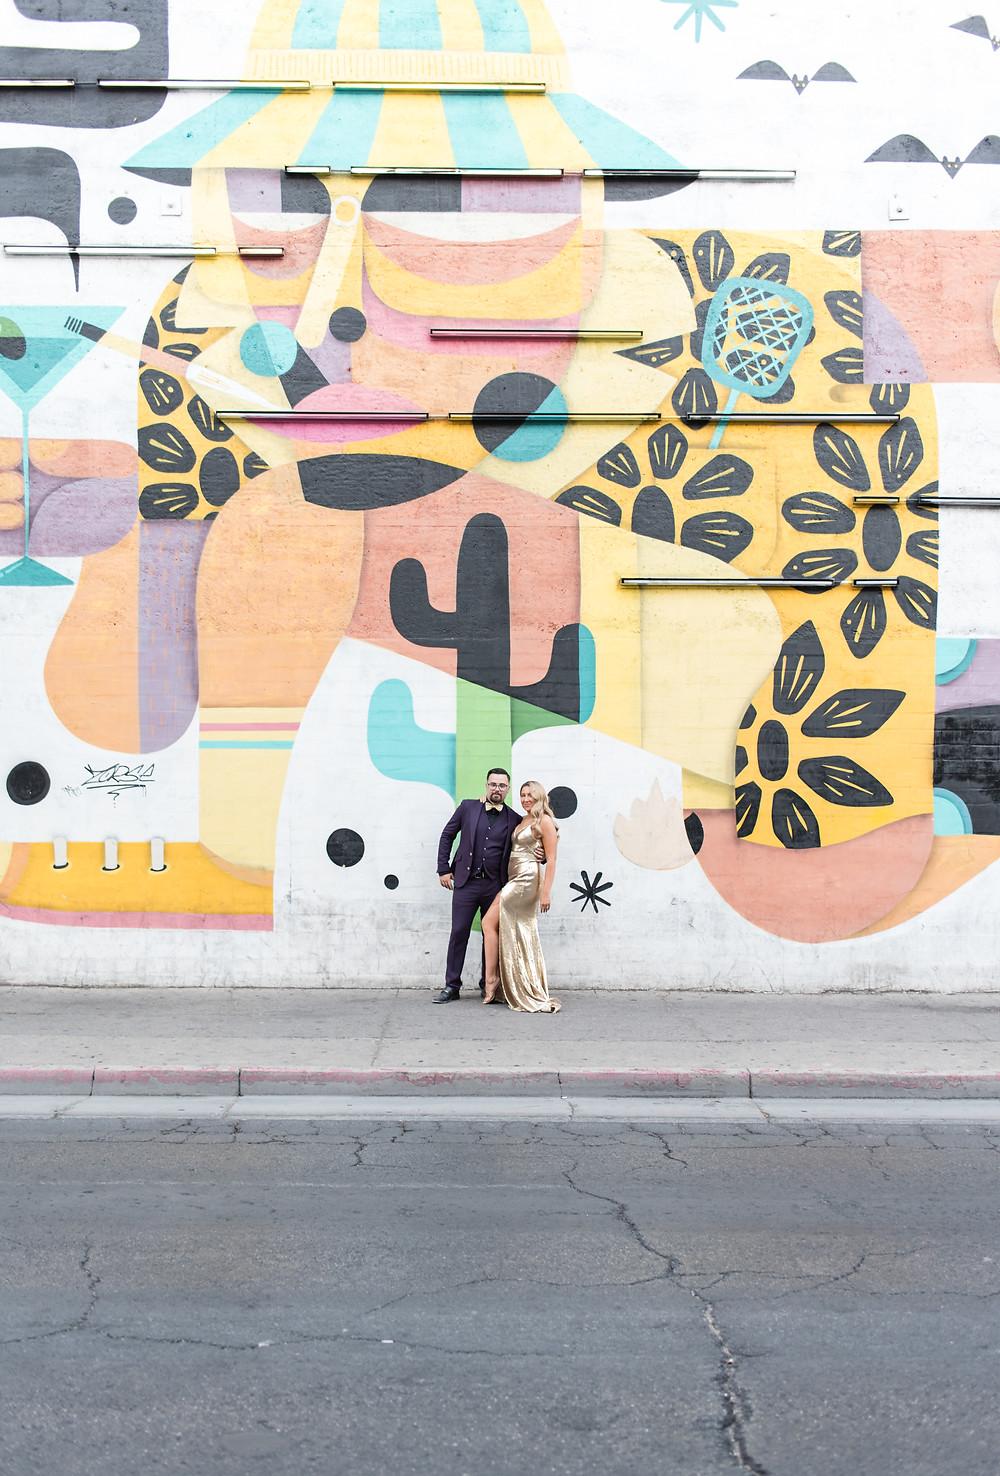 las vegas wedding, vegas bride, vegas bride and groom, vegas, las vegas, neon museum, neon boneyard, neon museum wedding, vintage, neon, vintage wedding, glam wedding, las vegas portraits, wedding, elopement, elope, vegas elopement